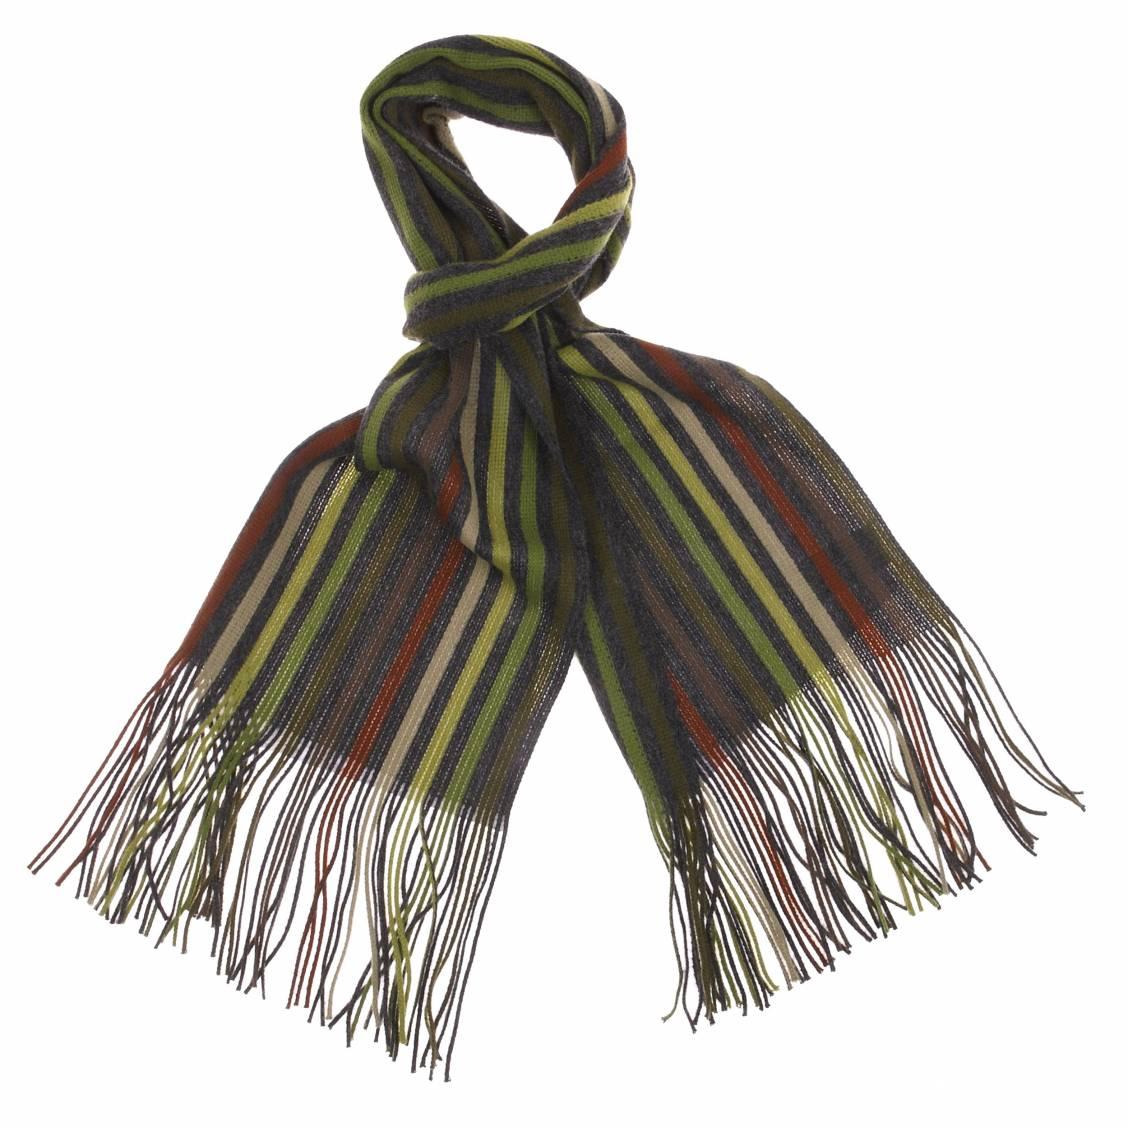 Écharpe à franges : rayures grises, vertes et marrons